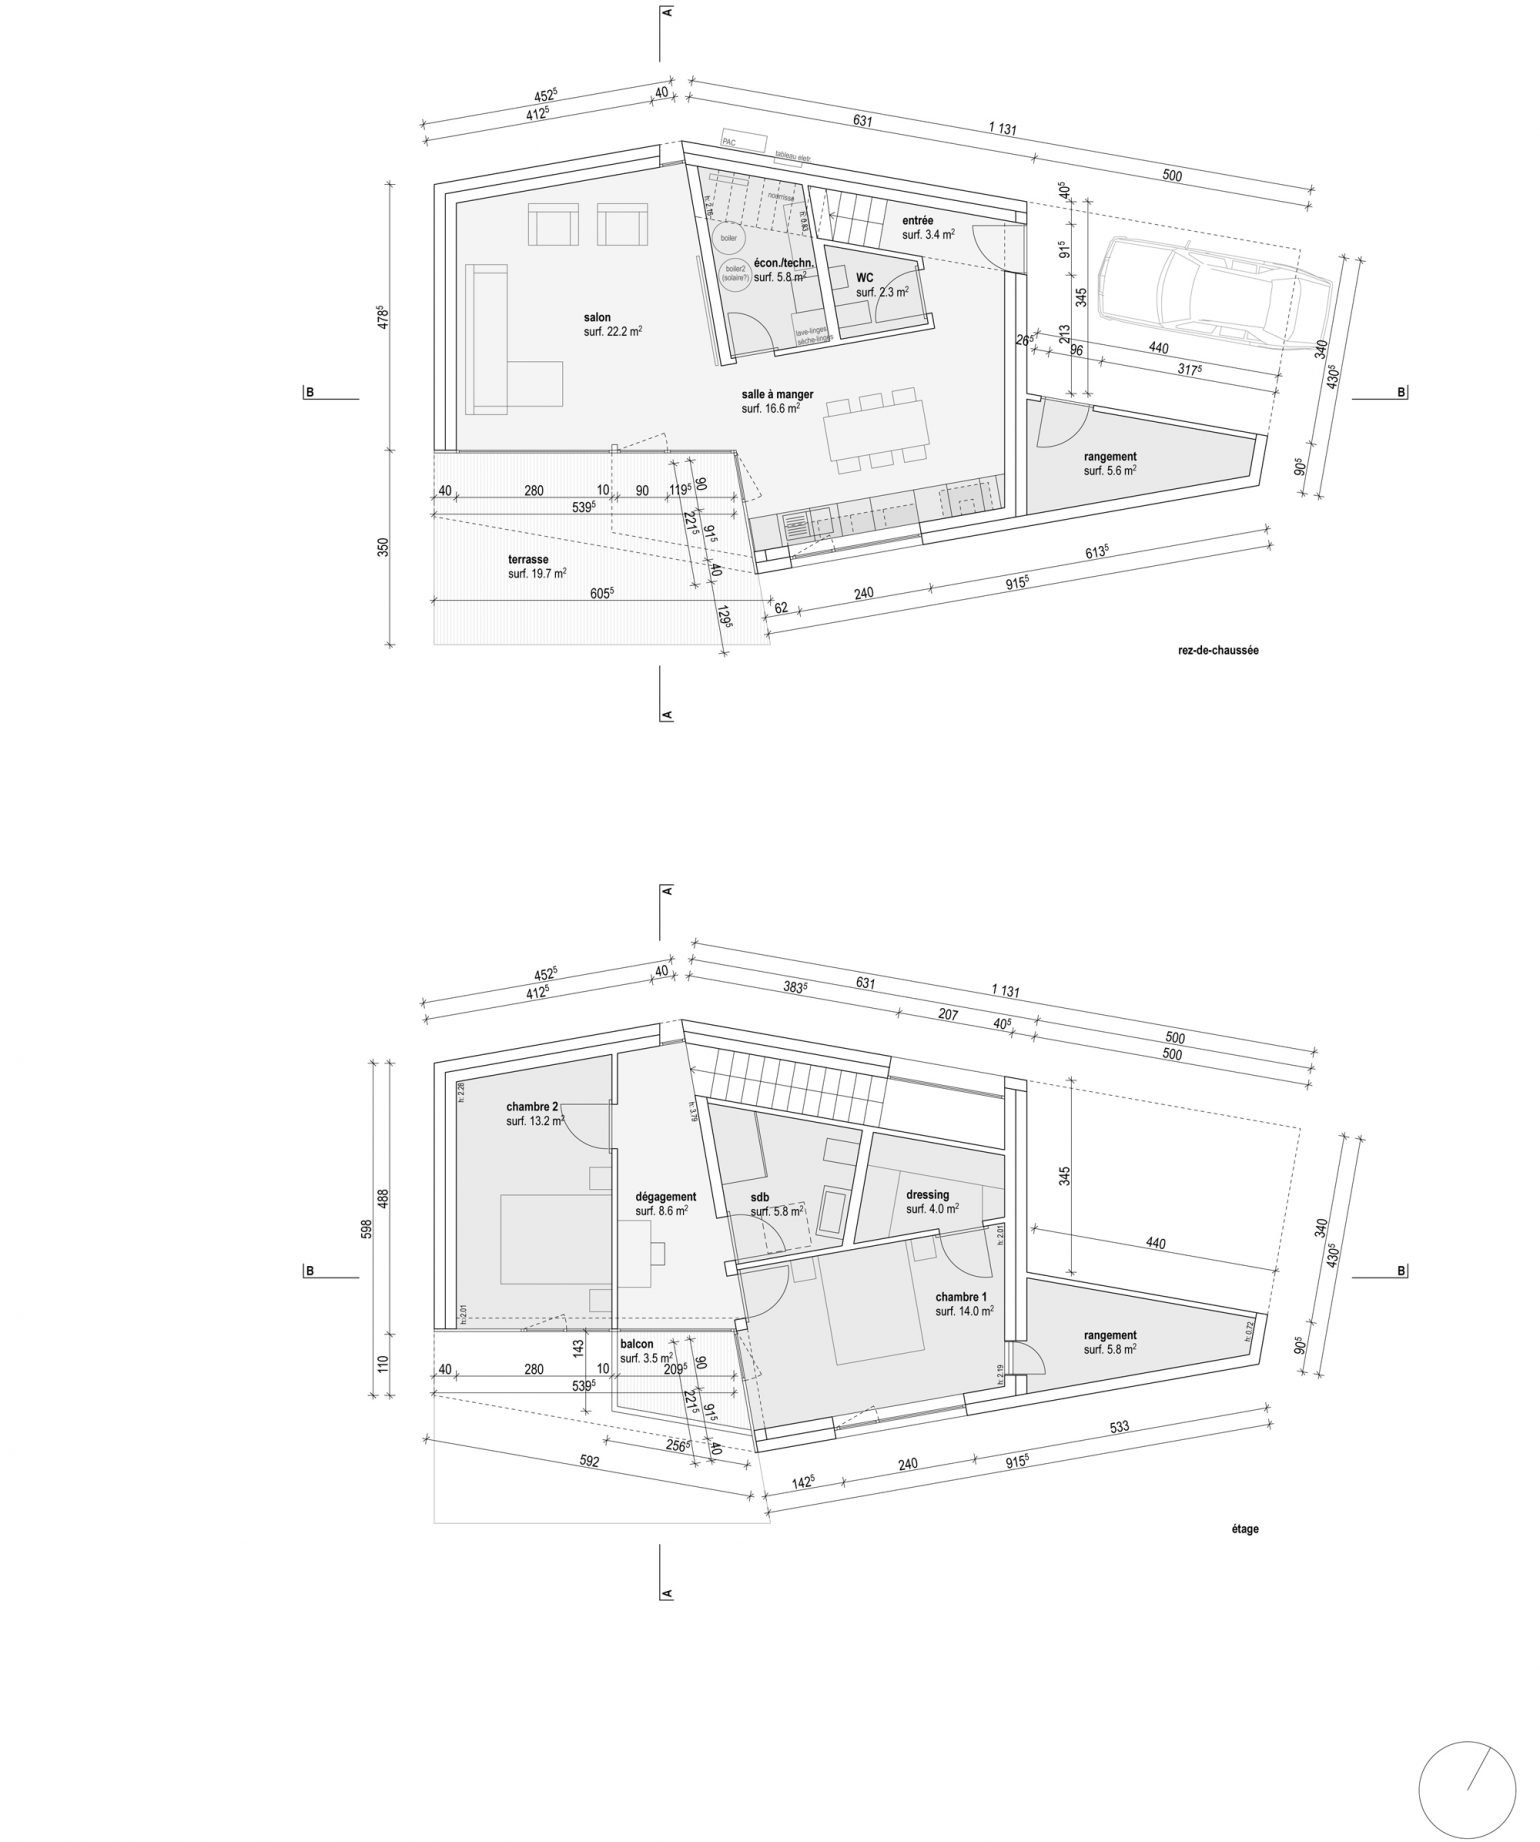 maison_deleze_conthey_françois_meyer_architecture_sion_02